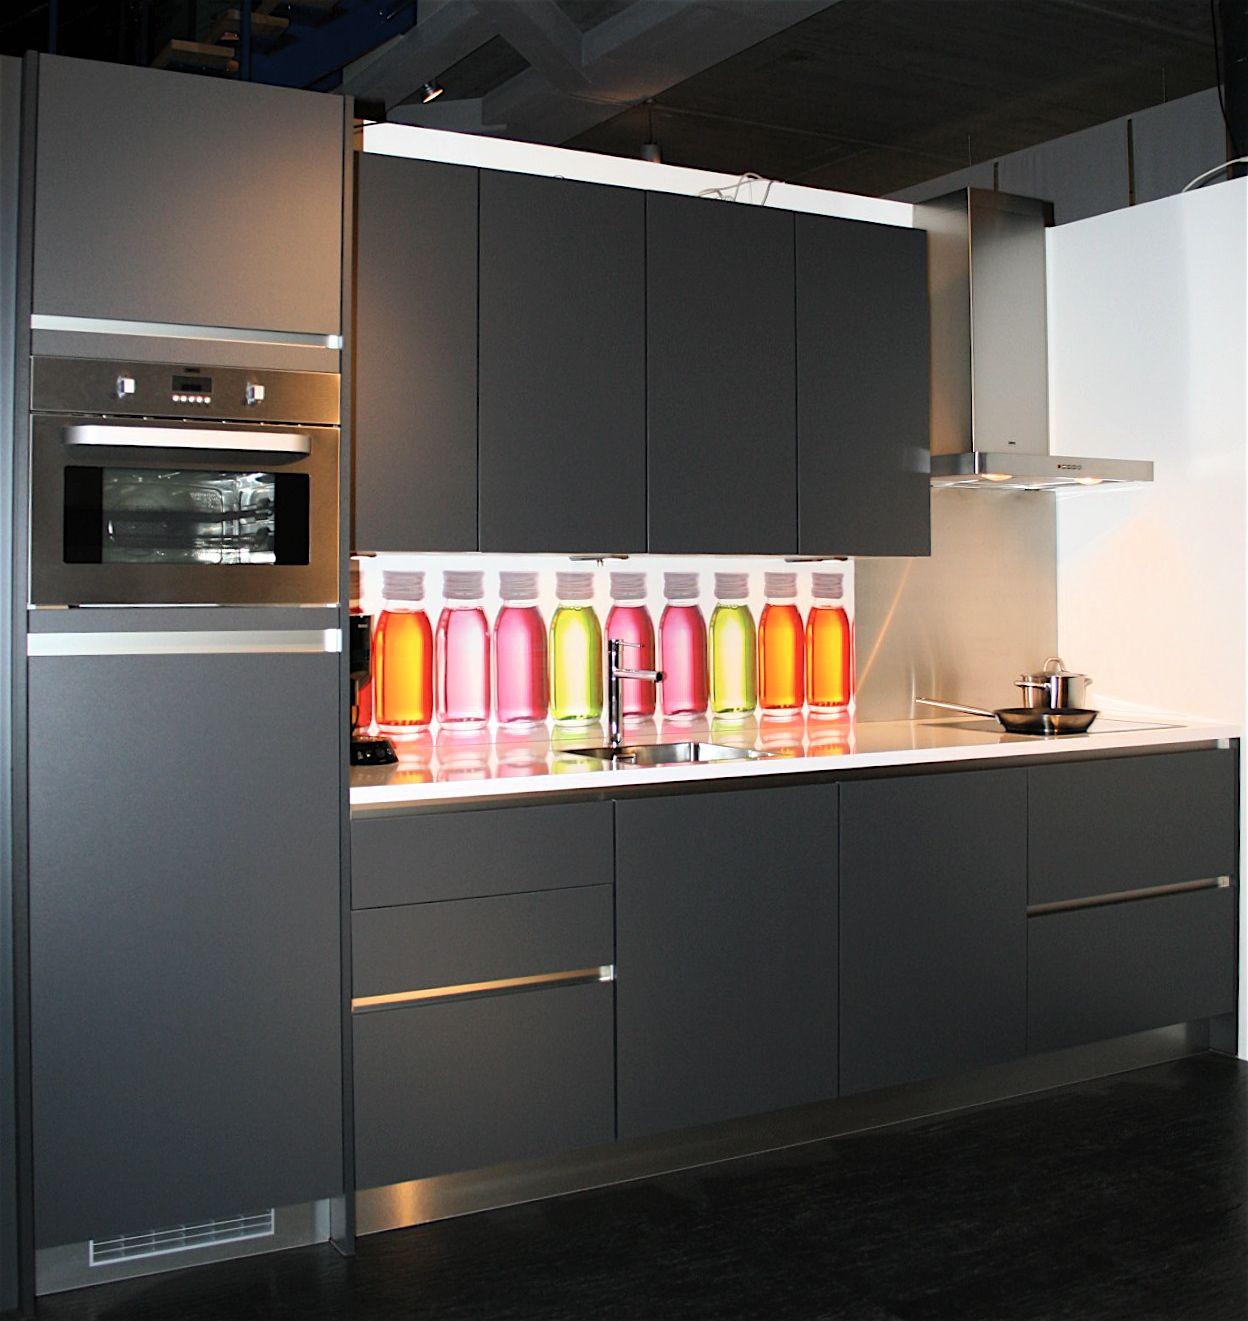 Antraciet Keuken : Antraciet Grijze Keuken : moderne antraciet grijze keuken keukenstudio